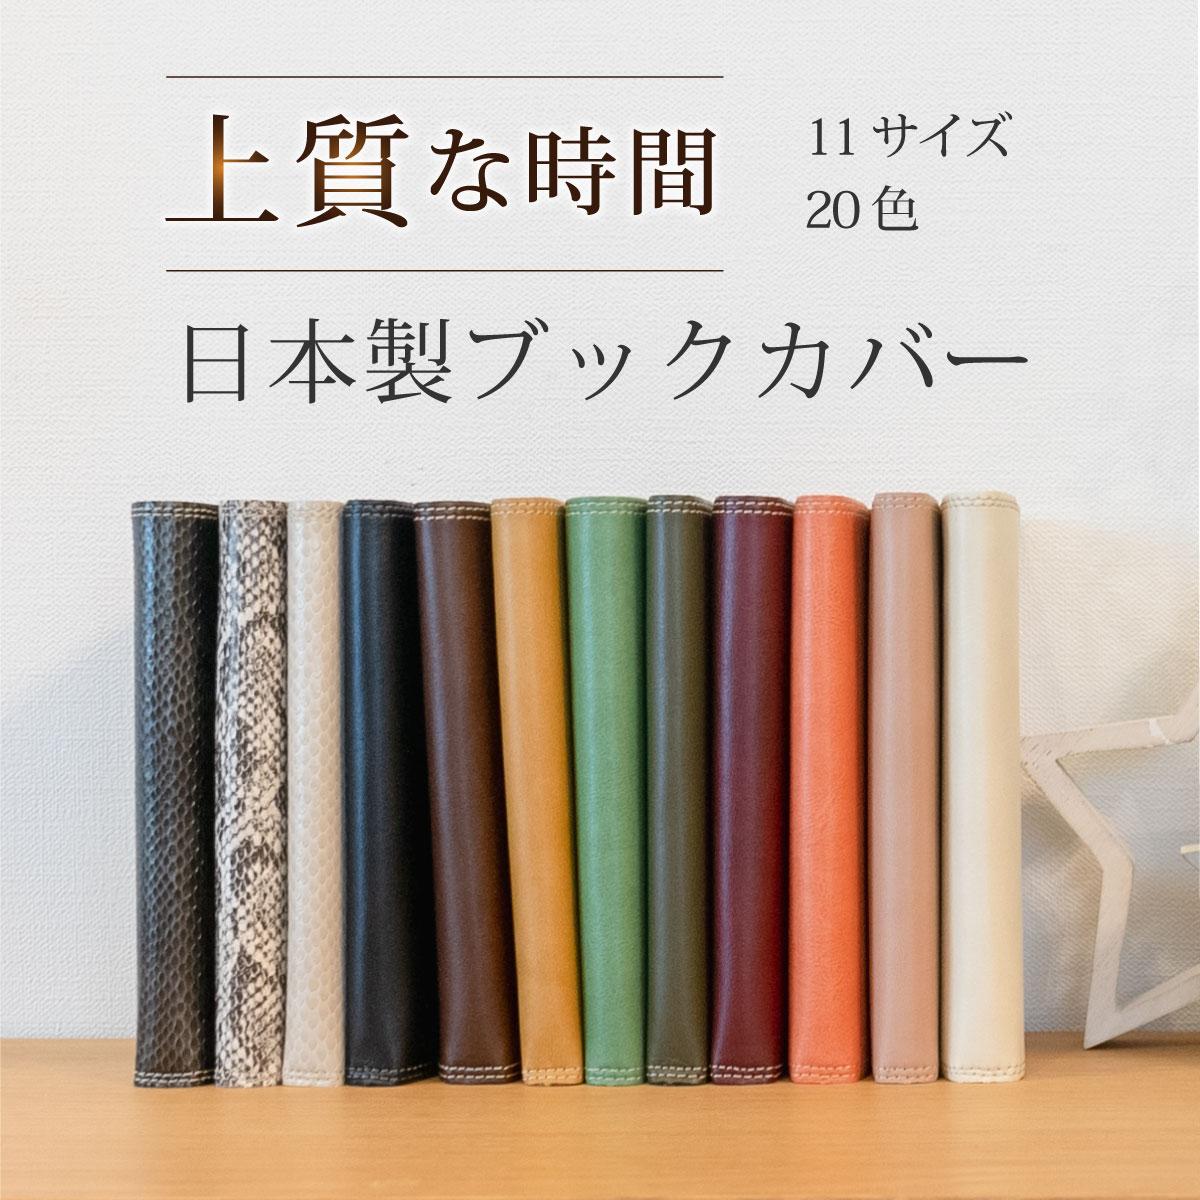 高质量书的封面是软和混合到手 !平装书,新的编辑,B6 版手册 (神户市) 46 版 (精装) A5 大小可用航运 ★ ★ EABOOKfs3gm